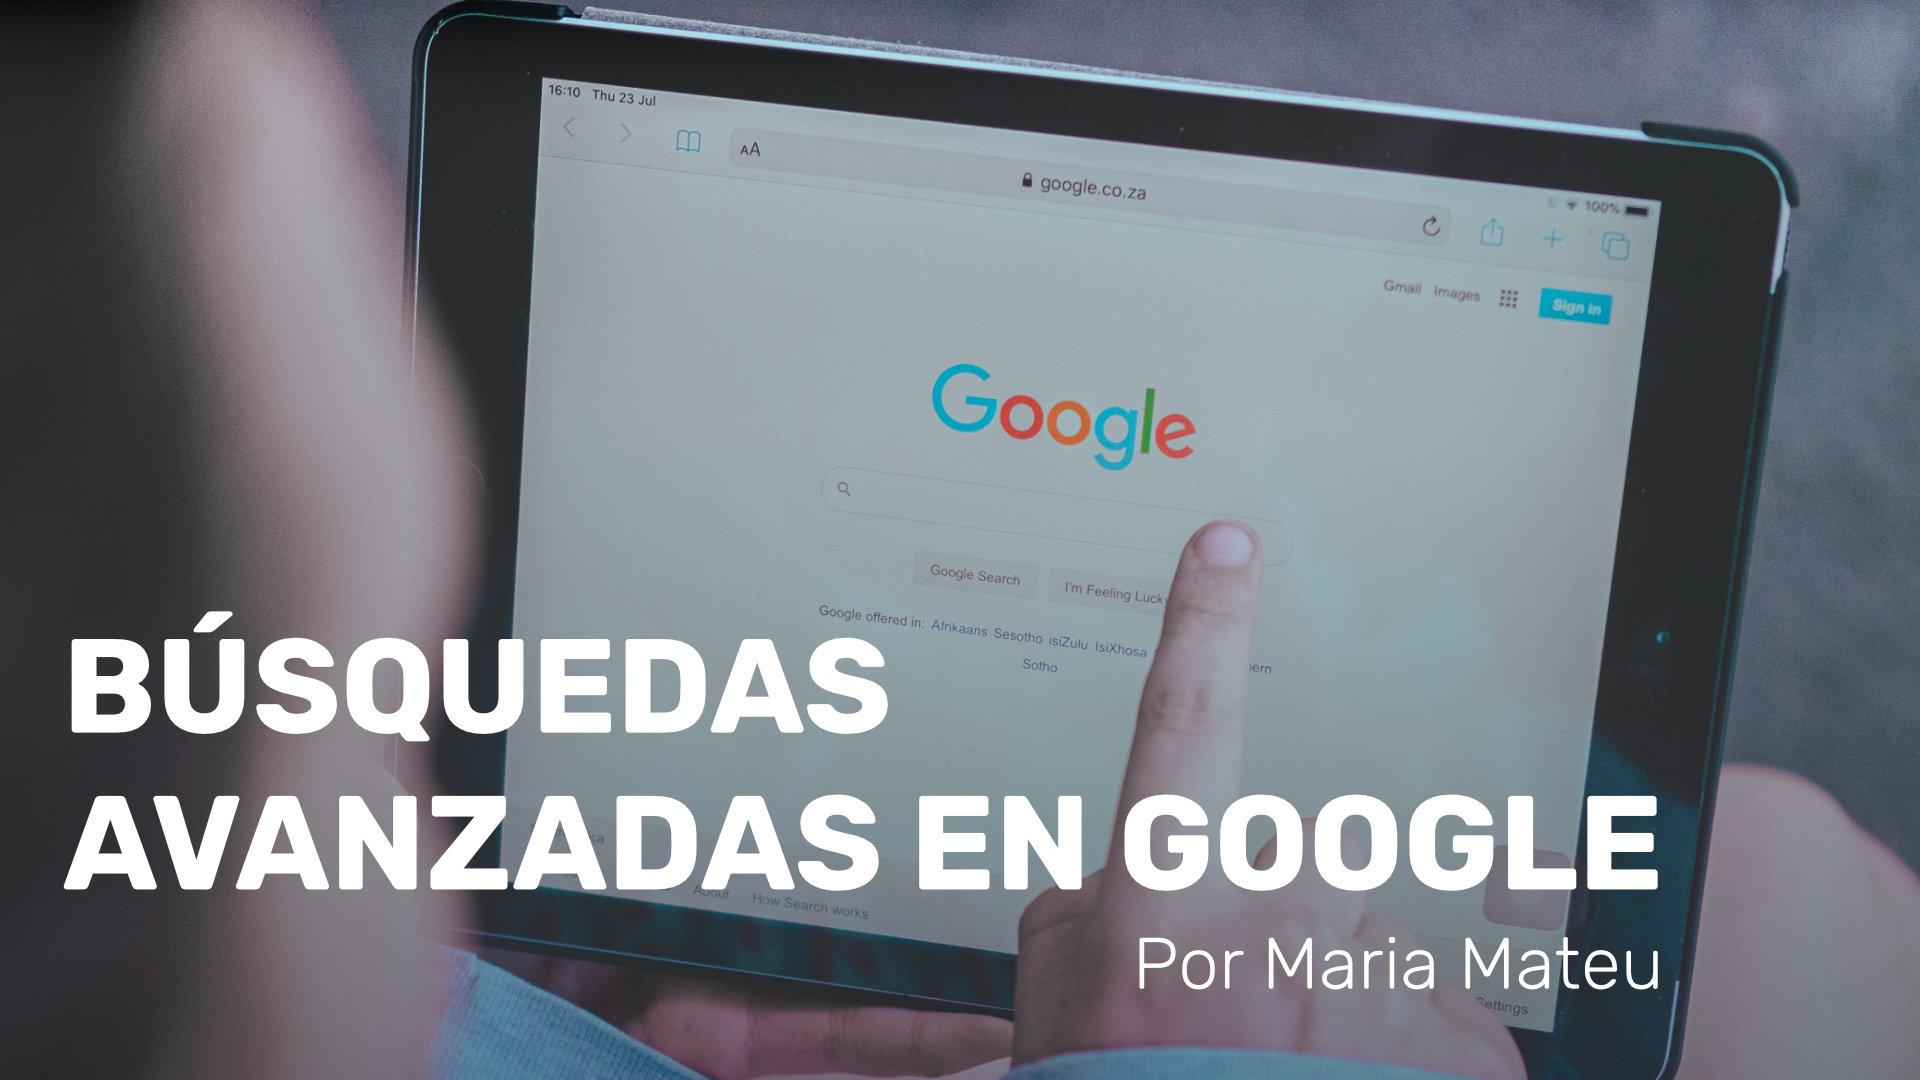 Hacer búsquedas avanzadas en Google